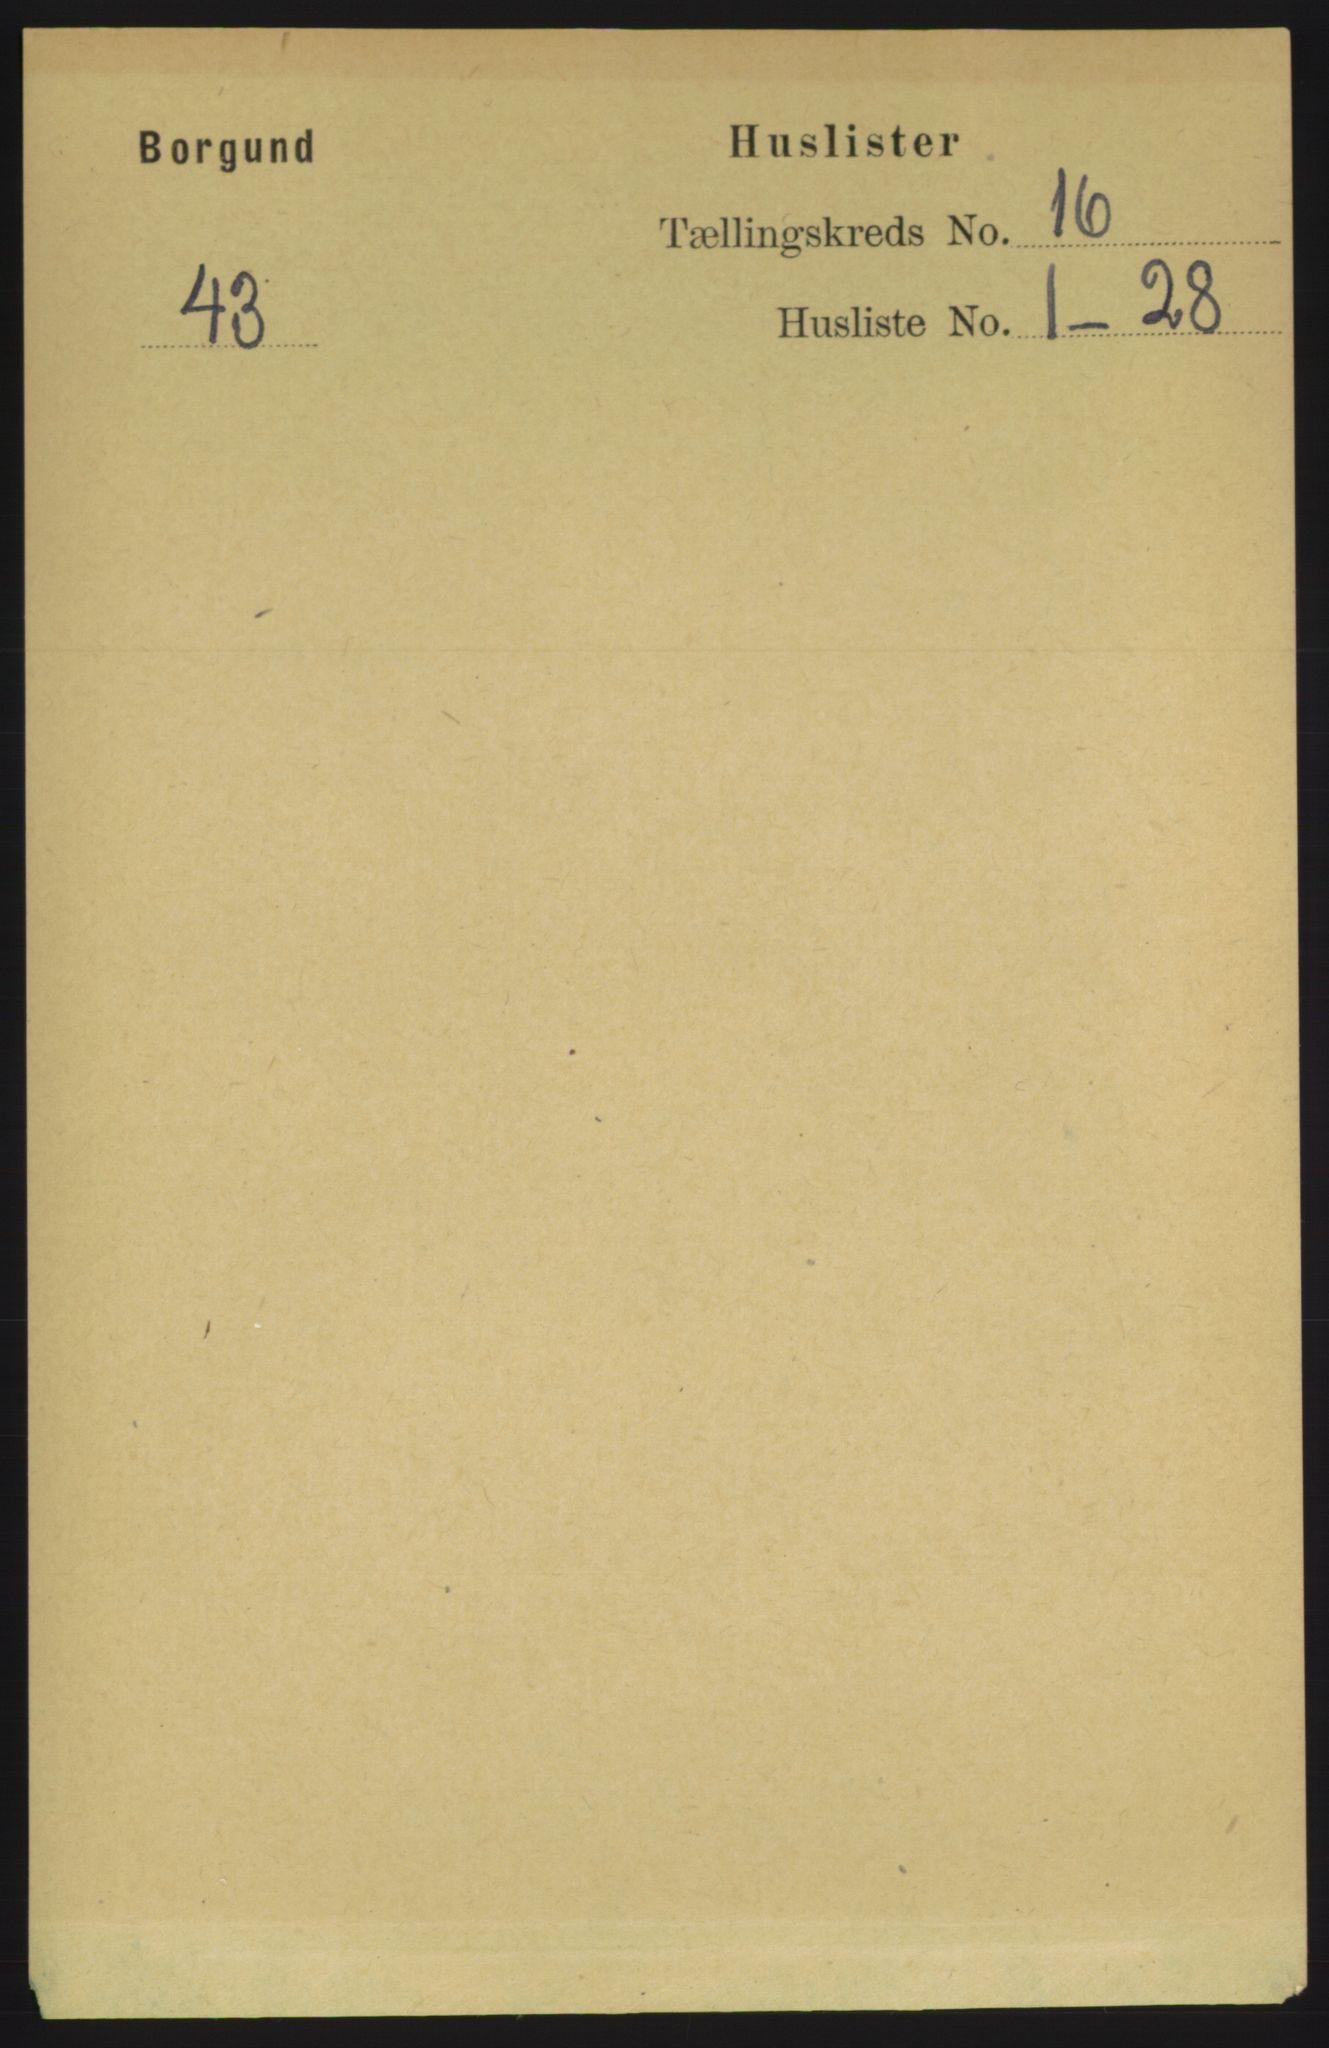 RA, Folketelling 1891 for 1531 Borgund herred, 1891, s. 4742